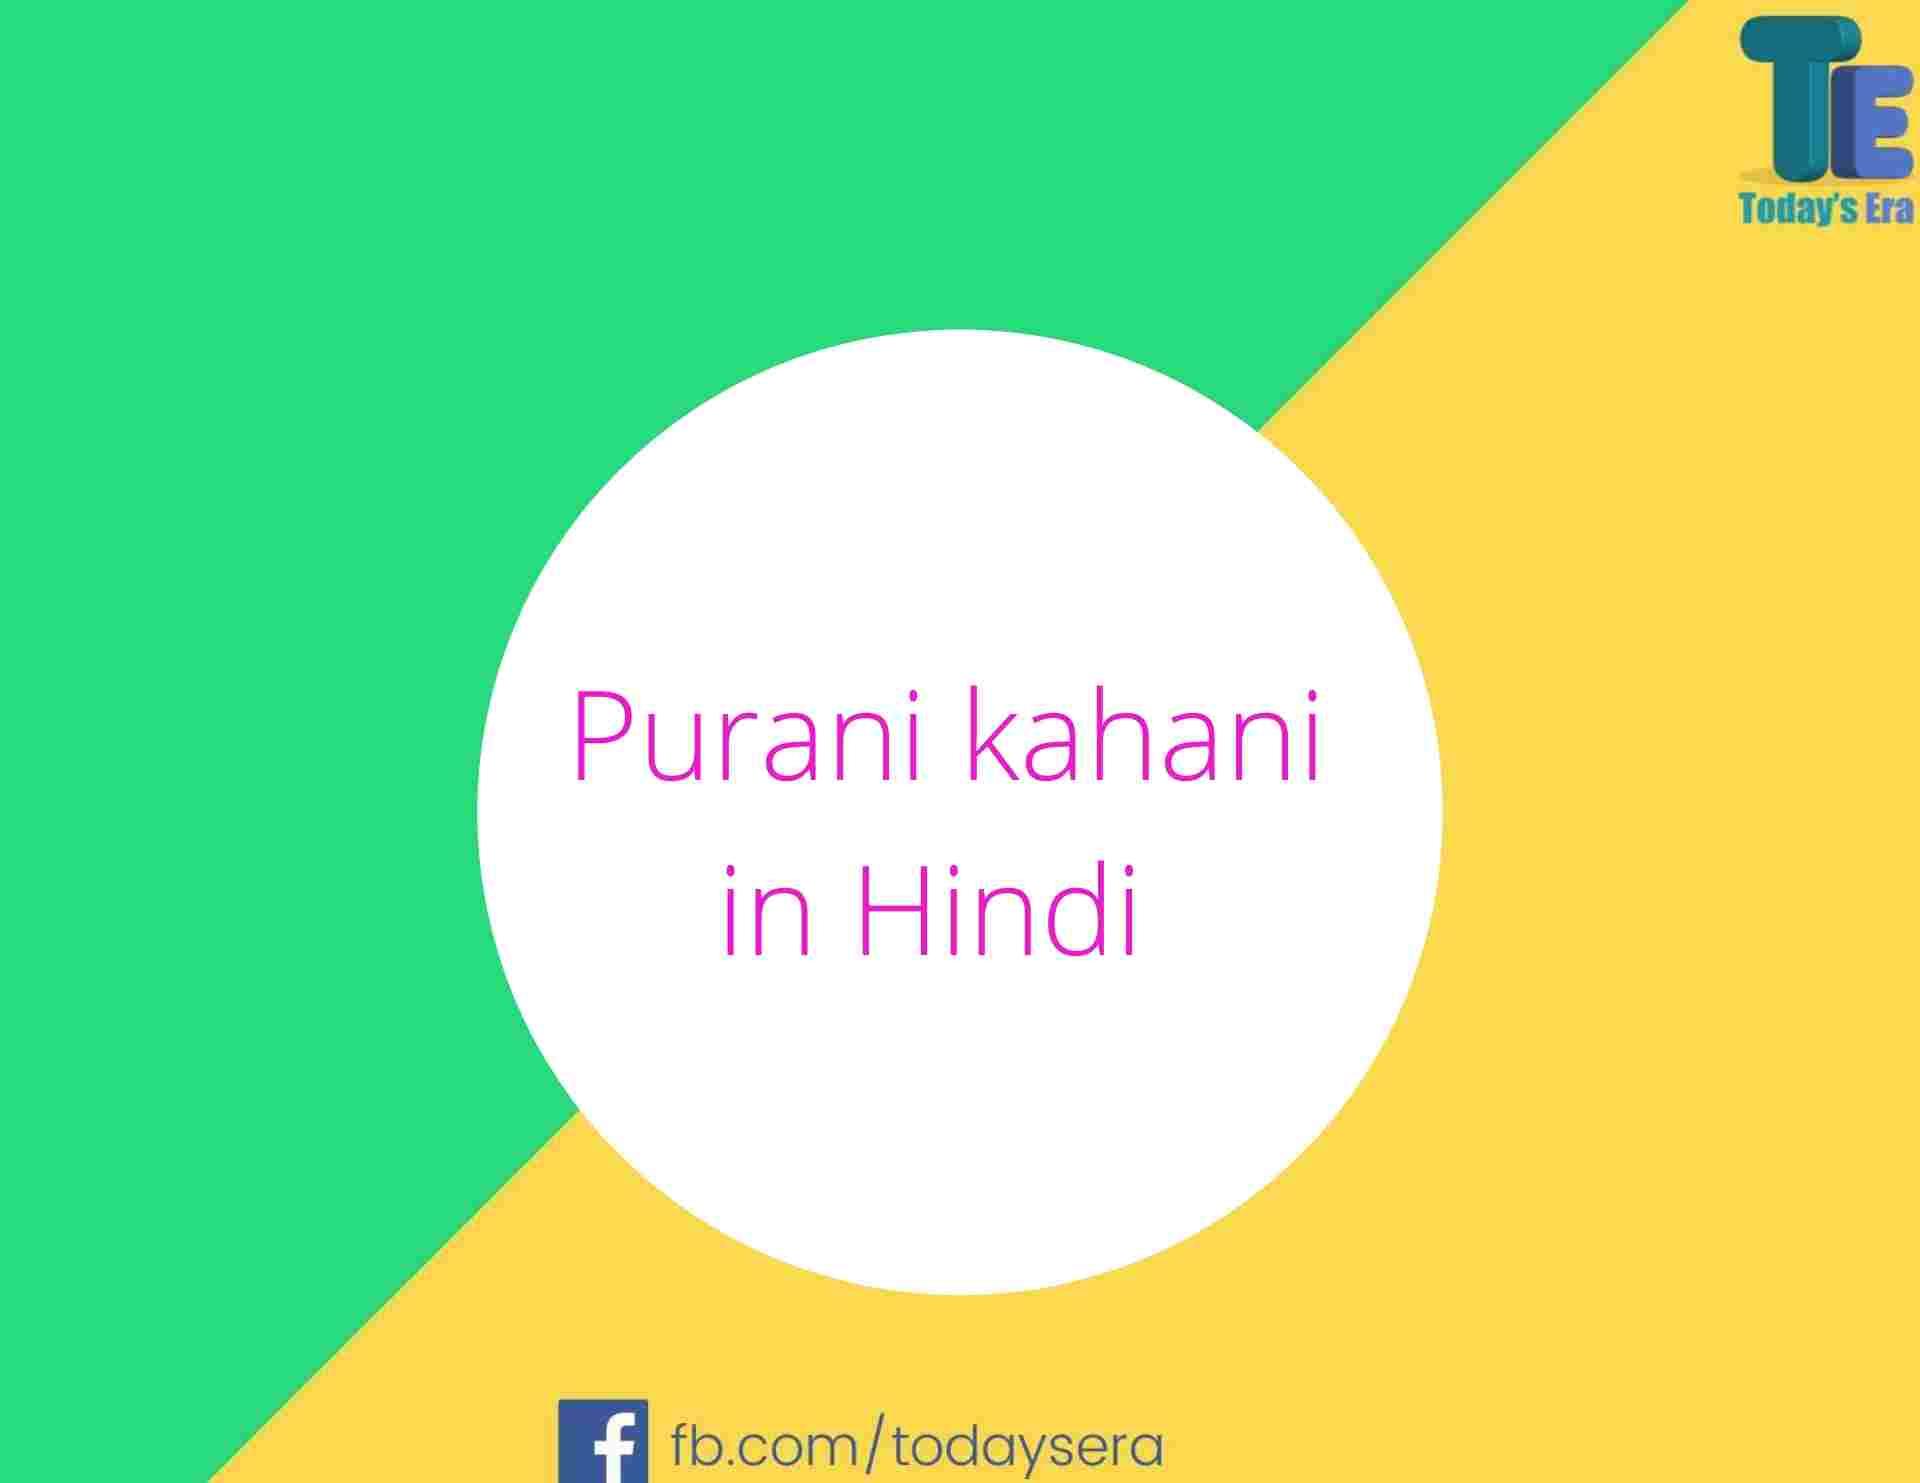 Purani kahani in Hindi